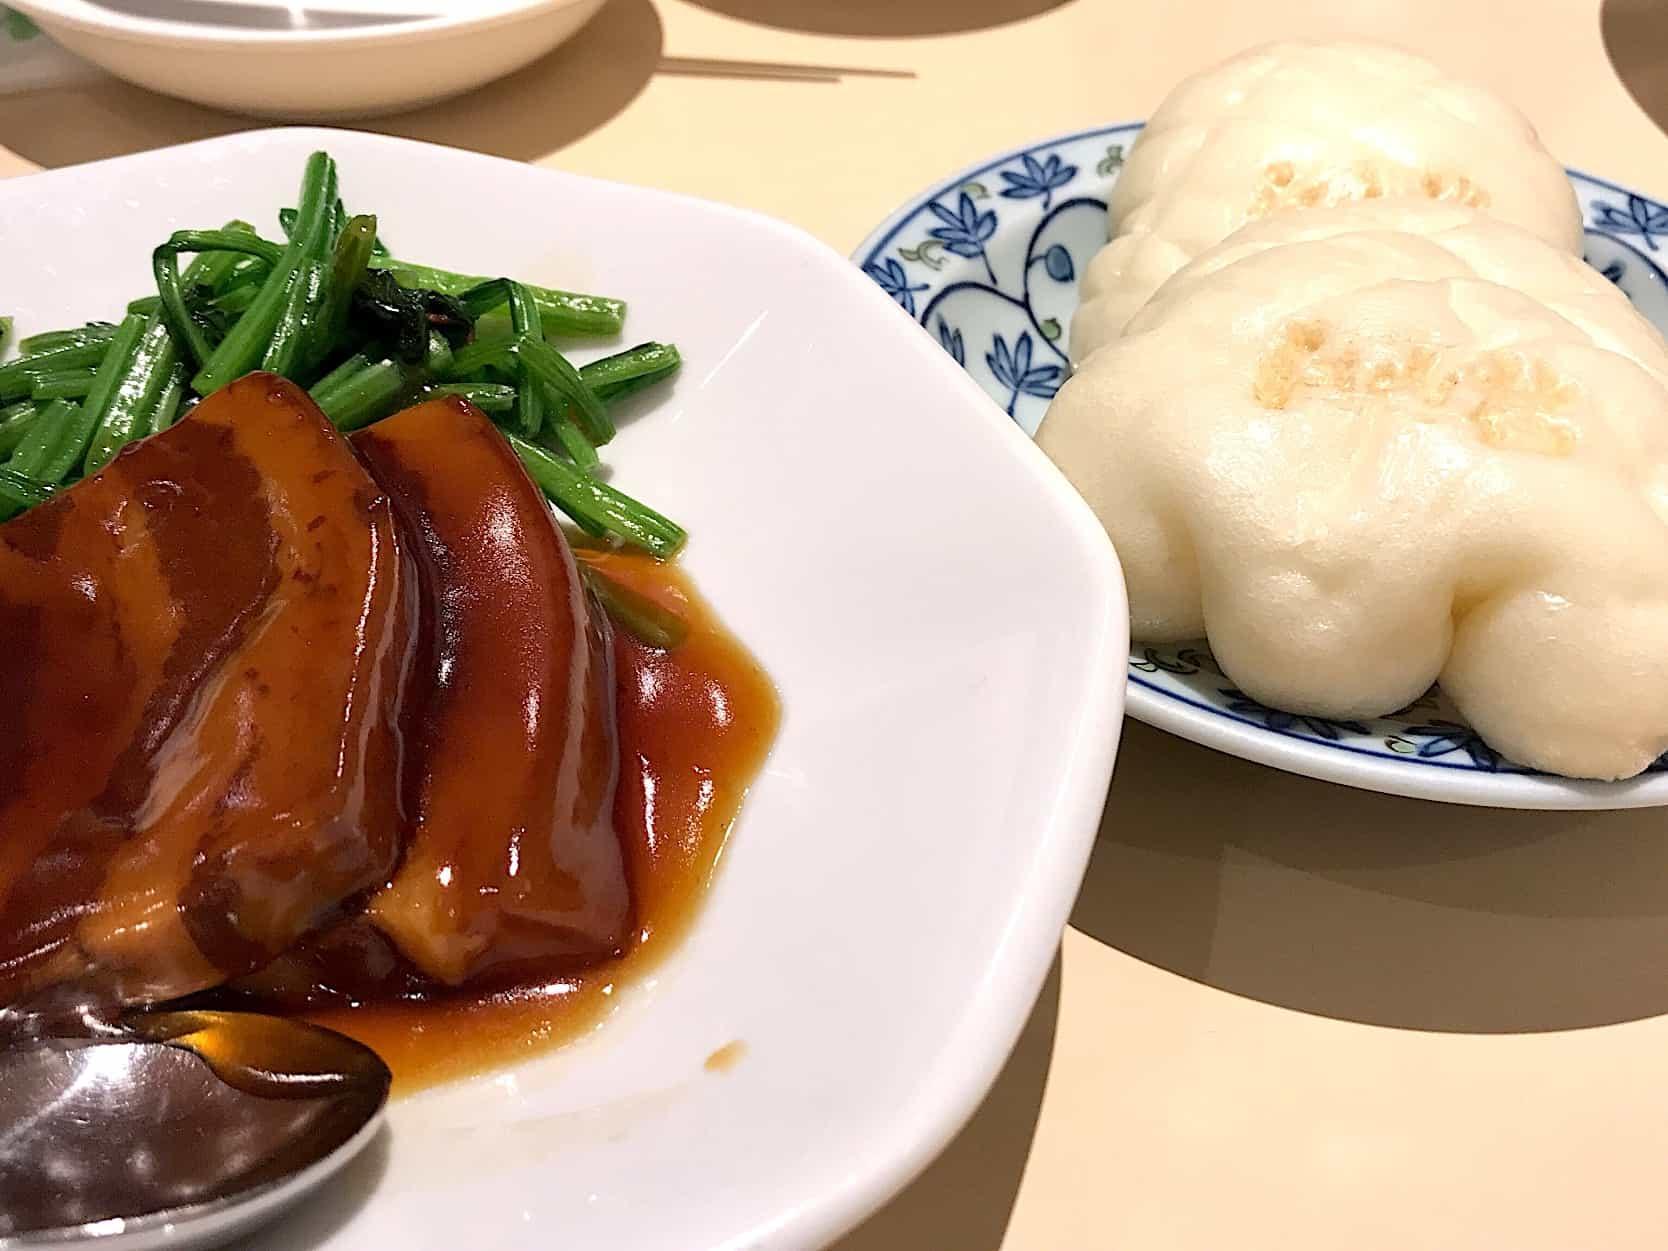 หมูสามชั้นตุ๋นพะโล้หรือคาคุนิไป นางาซากิ แล้วเป็น ของกิน ที่ต้องกิน